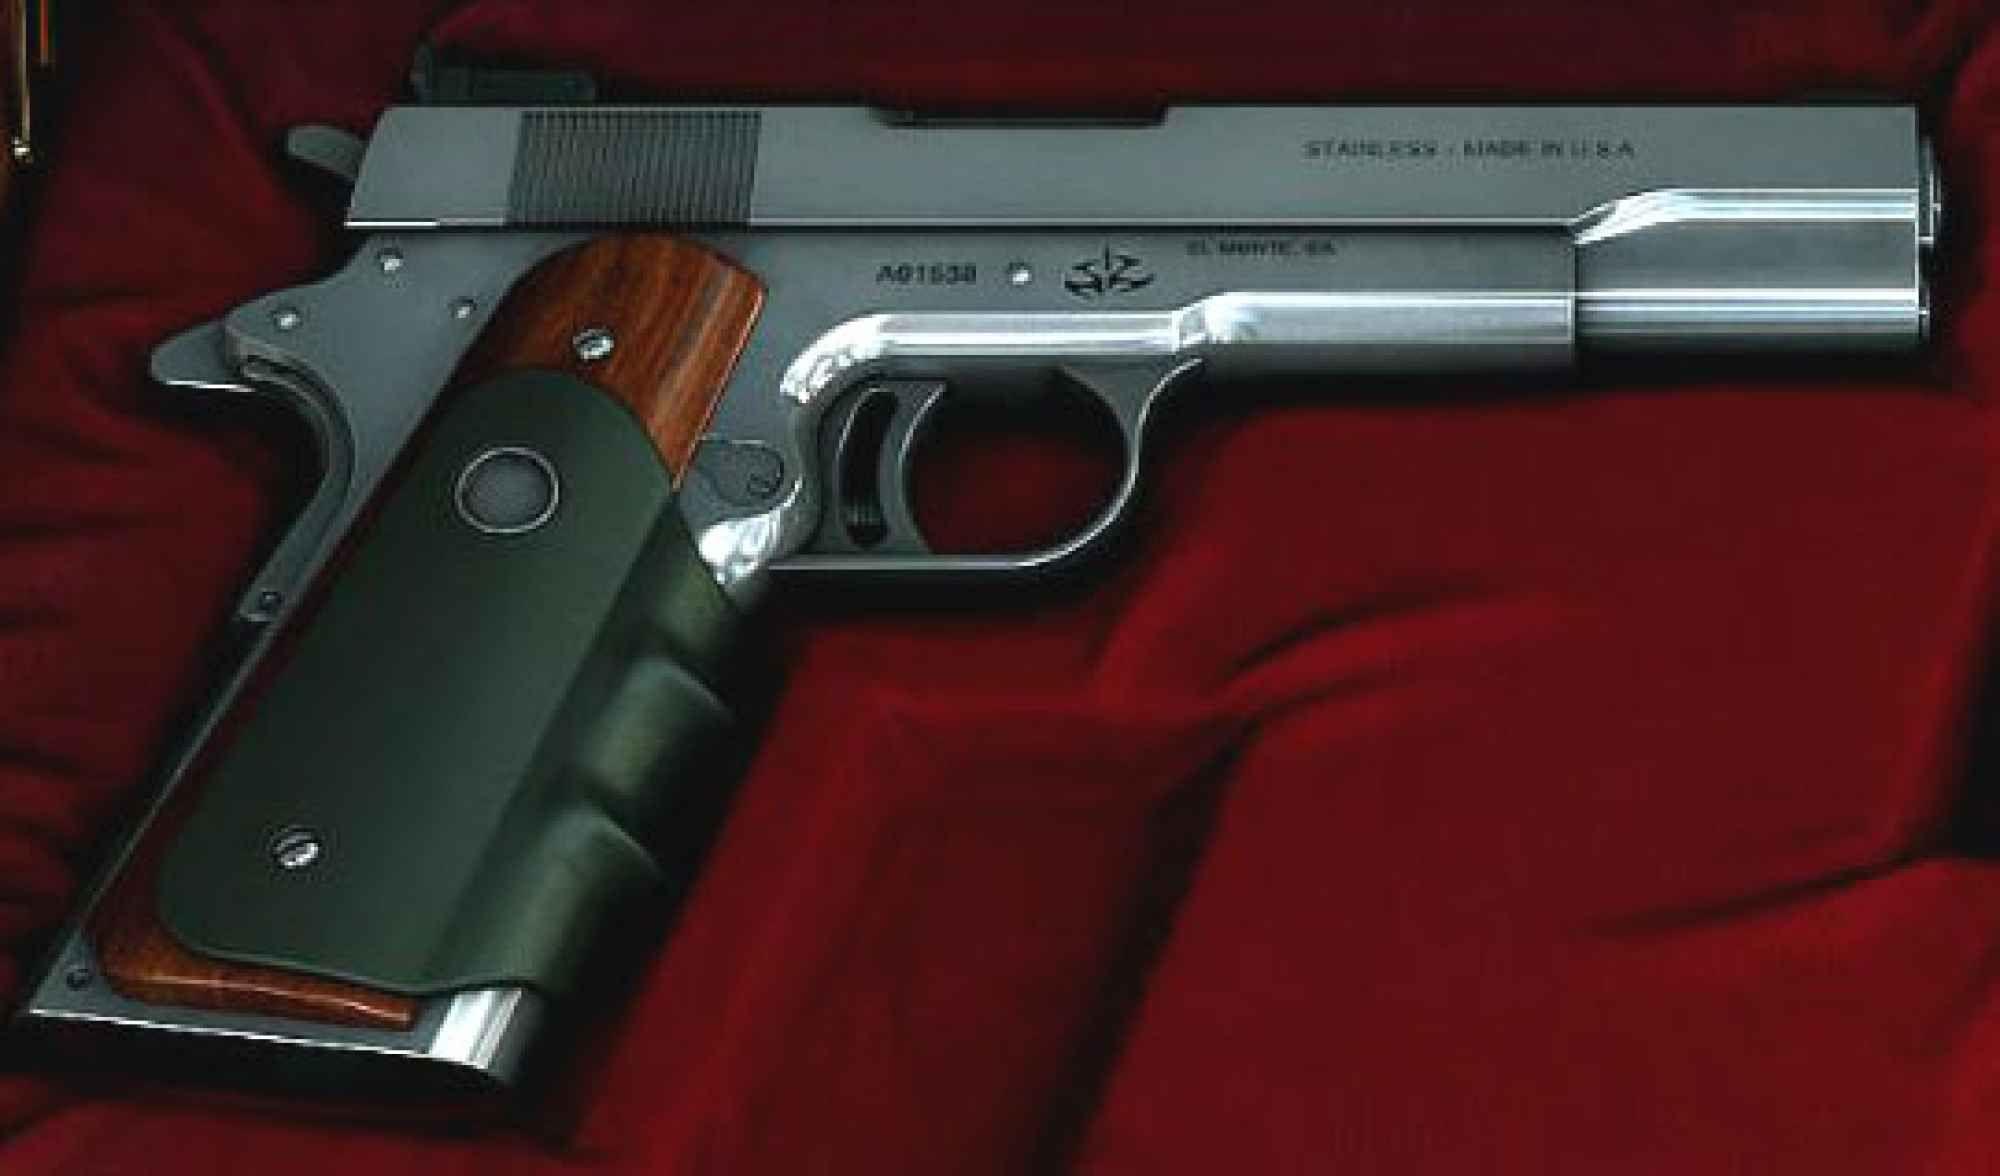 Hitman Guns Hand Guns Guns Airsoft